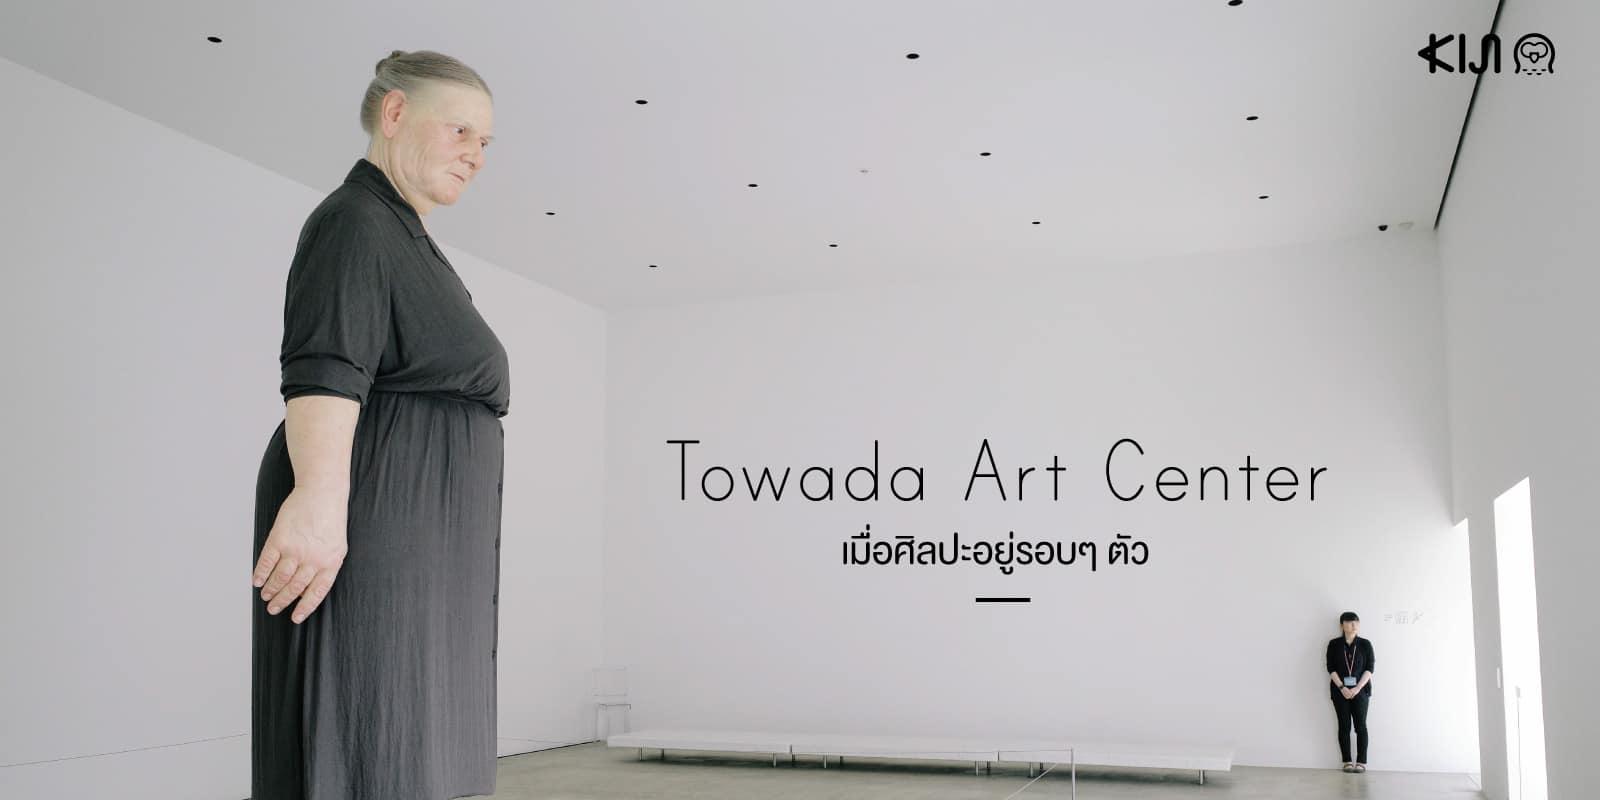 ศูนย์ศิลปะโทวาดะ (Towada Art Center)